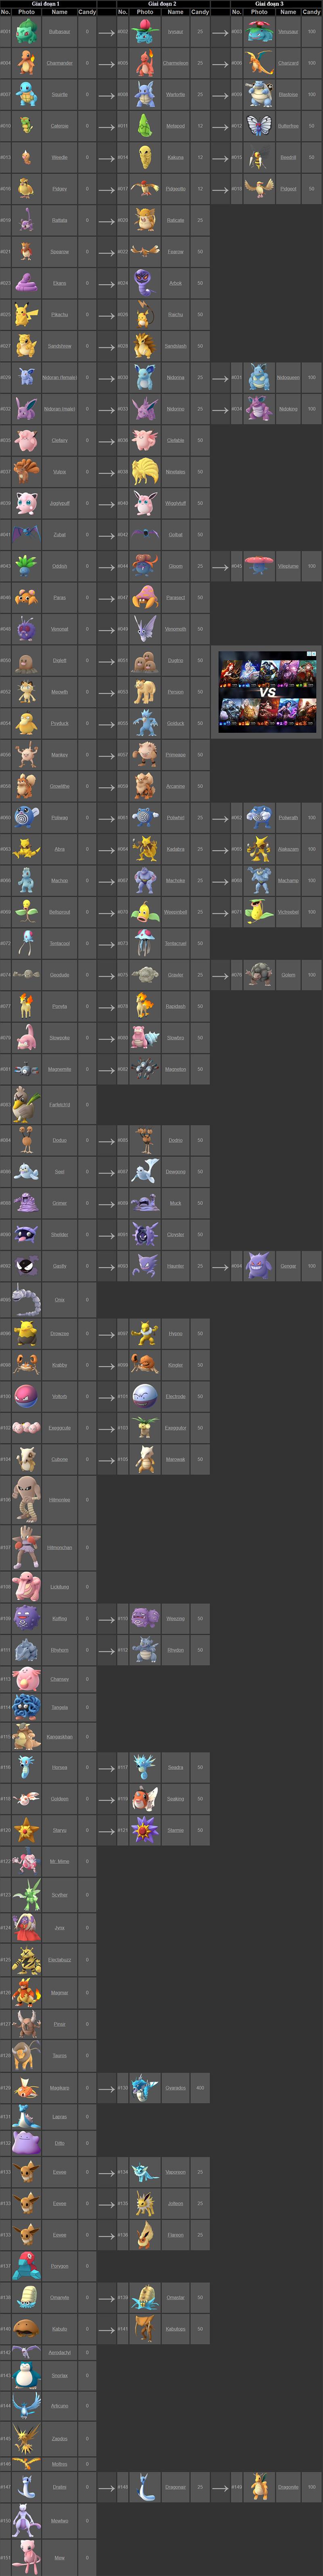 Thông tin bảng tiến hóa Pokemon